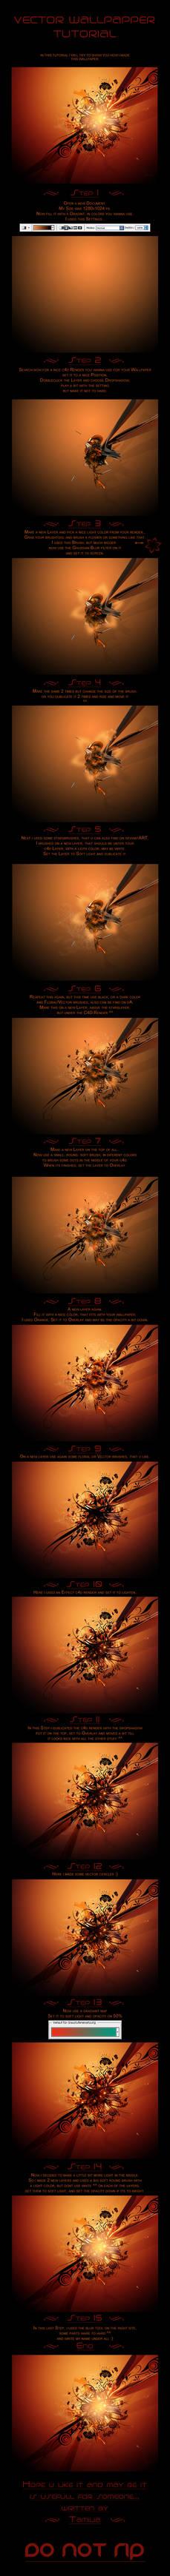 Vector-Wallpaper Tutorial by Tamilia